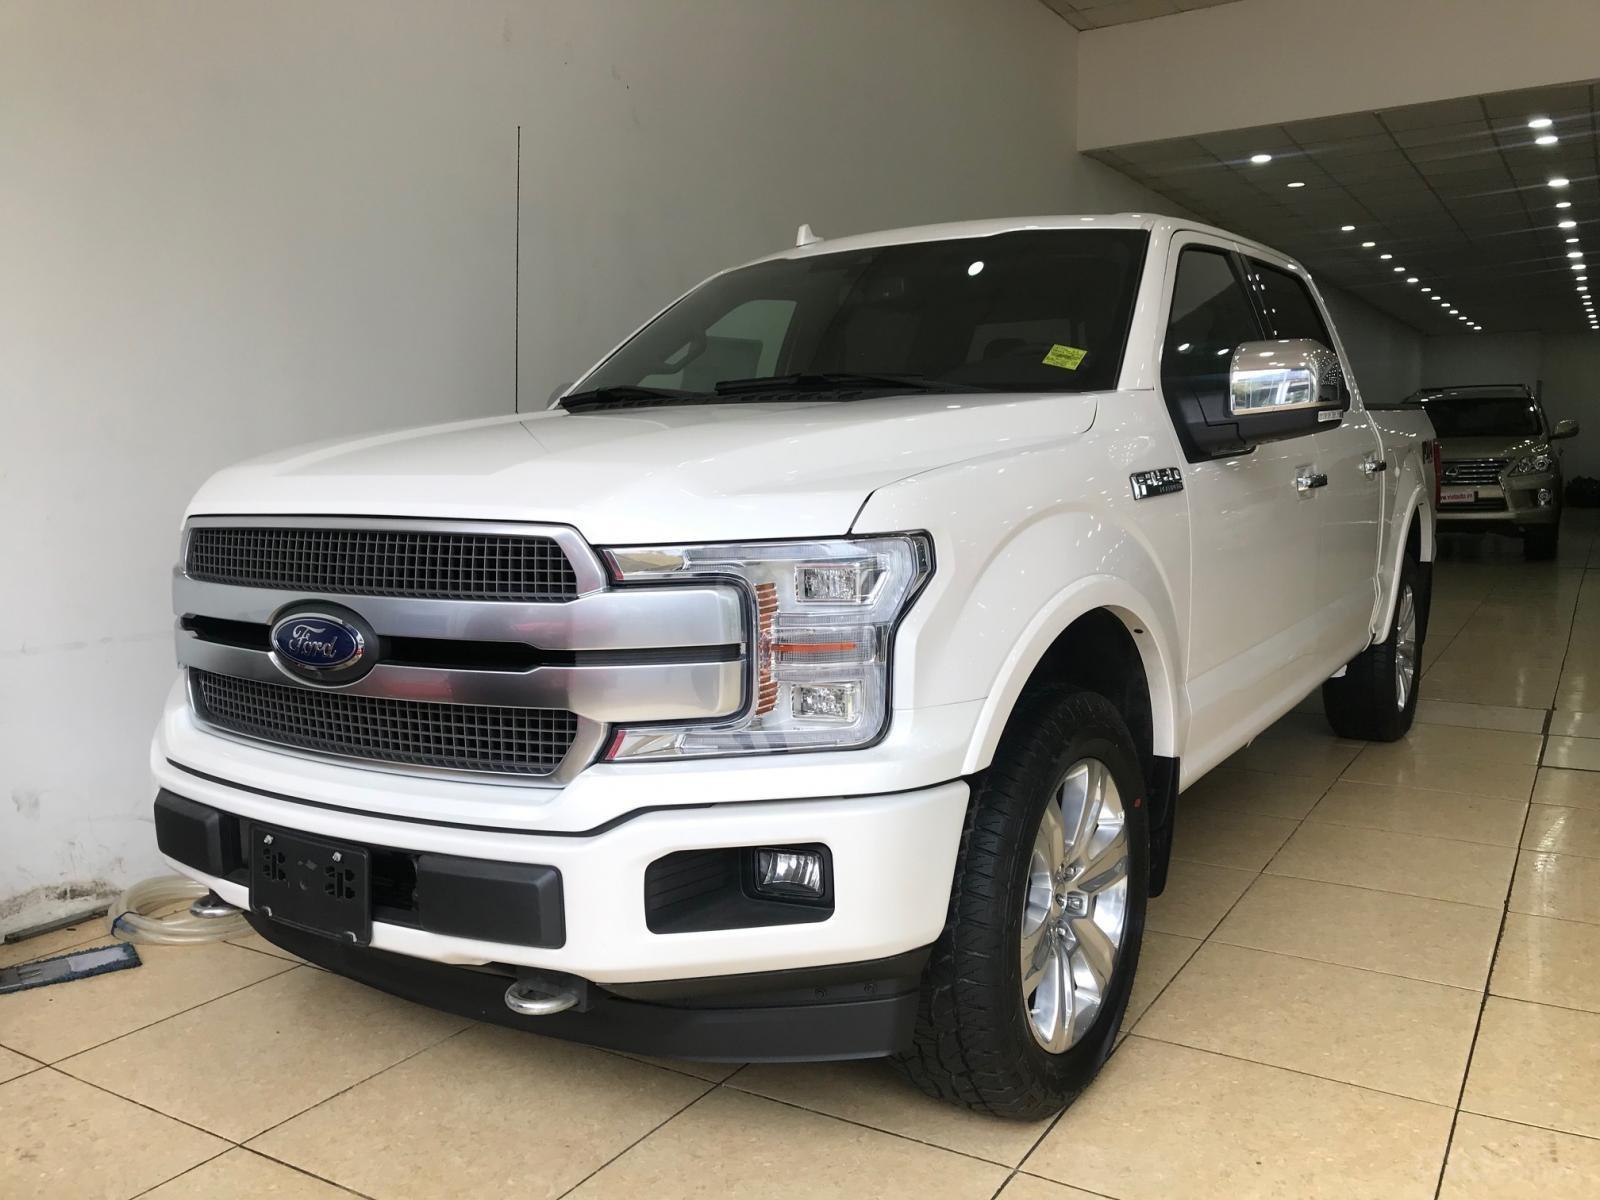 Bán Ford F 150 sản xuất Mỹ, đẳng cấp bán tải, xe giao ngay, LH 0904754444 (2)